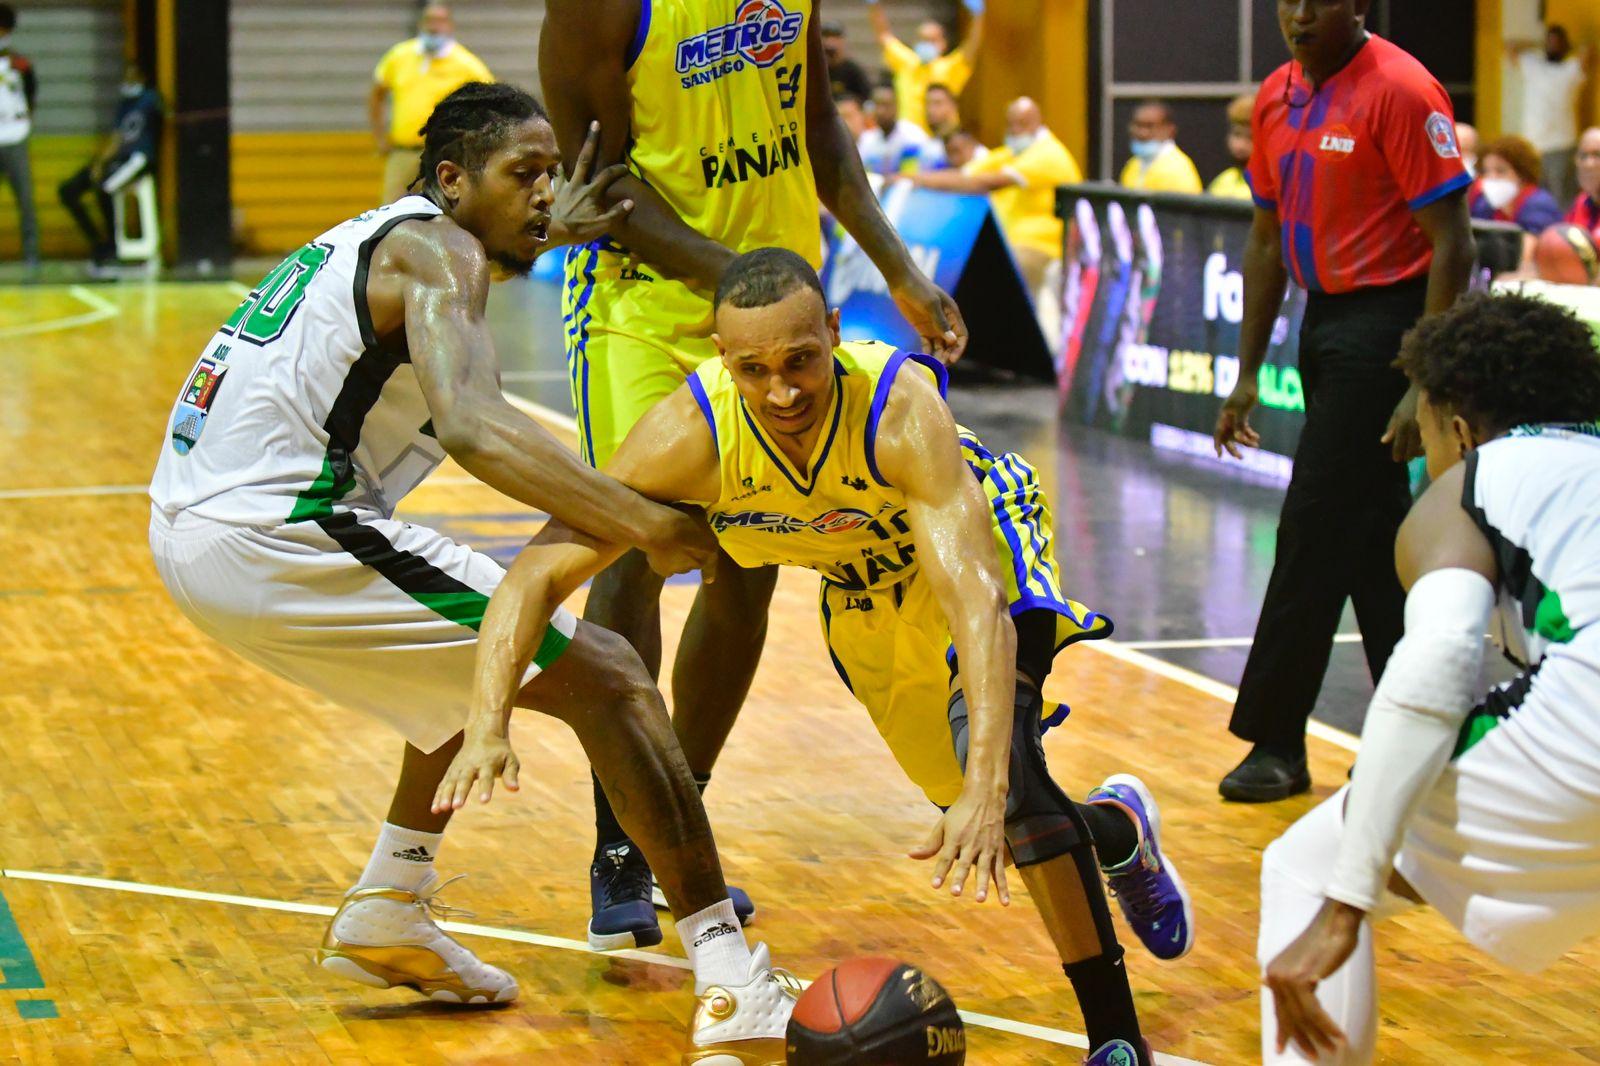 Adrís De León, de Metros, driblea entre los jugadors de Soles, Malik Pope y Kelvin Peña.